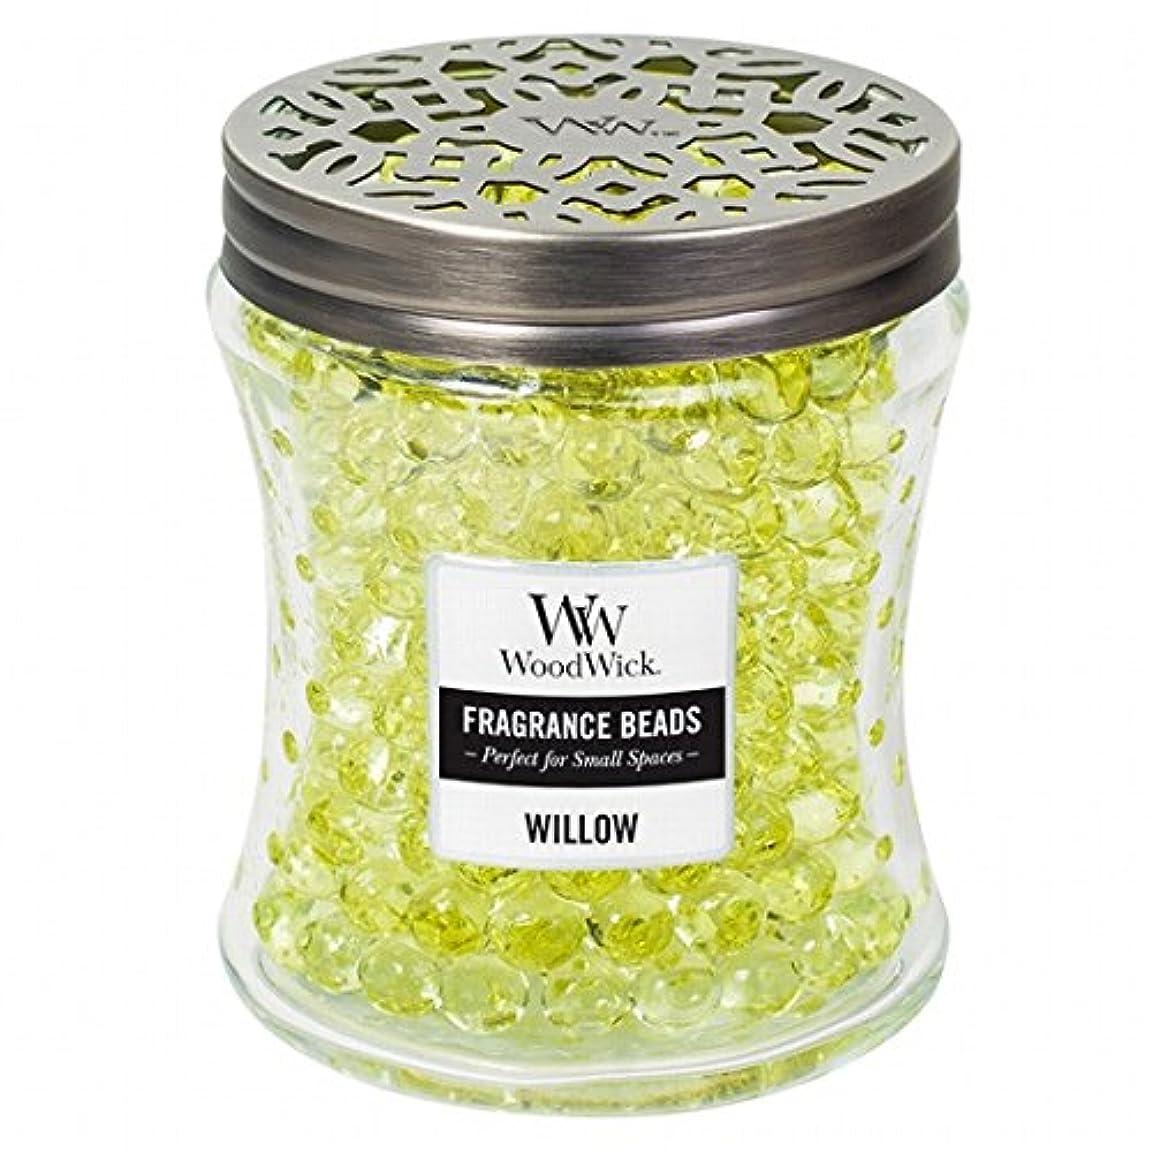 ミシン充実窓を洗うウッドウィック( WoodWick ) Wood Wickフレグランスビーズ 「 ウィロー 」W9620525